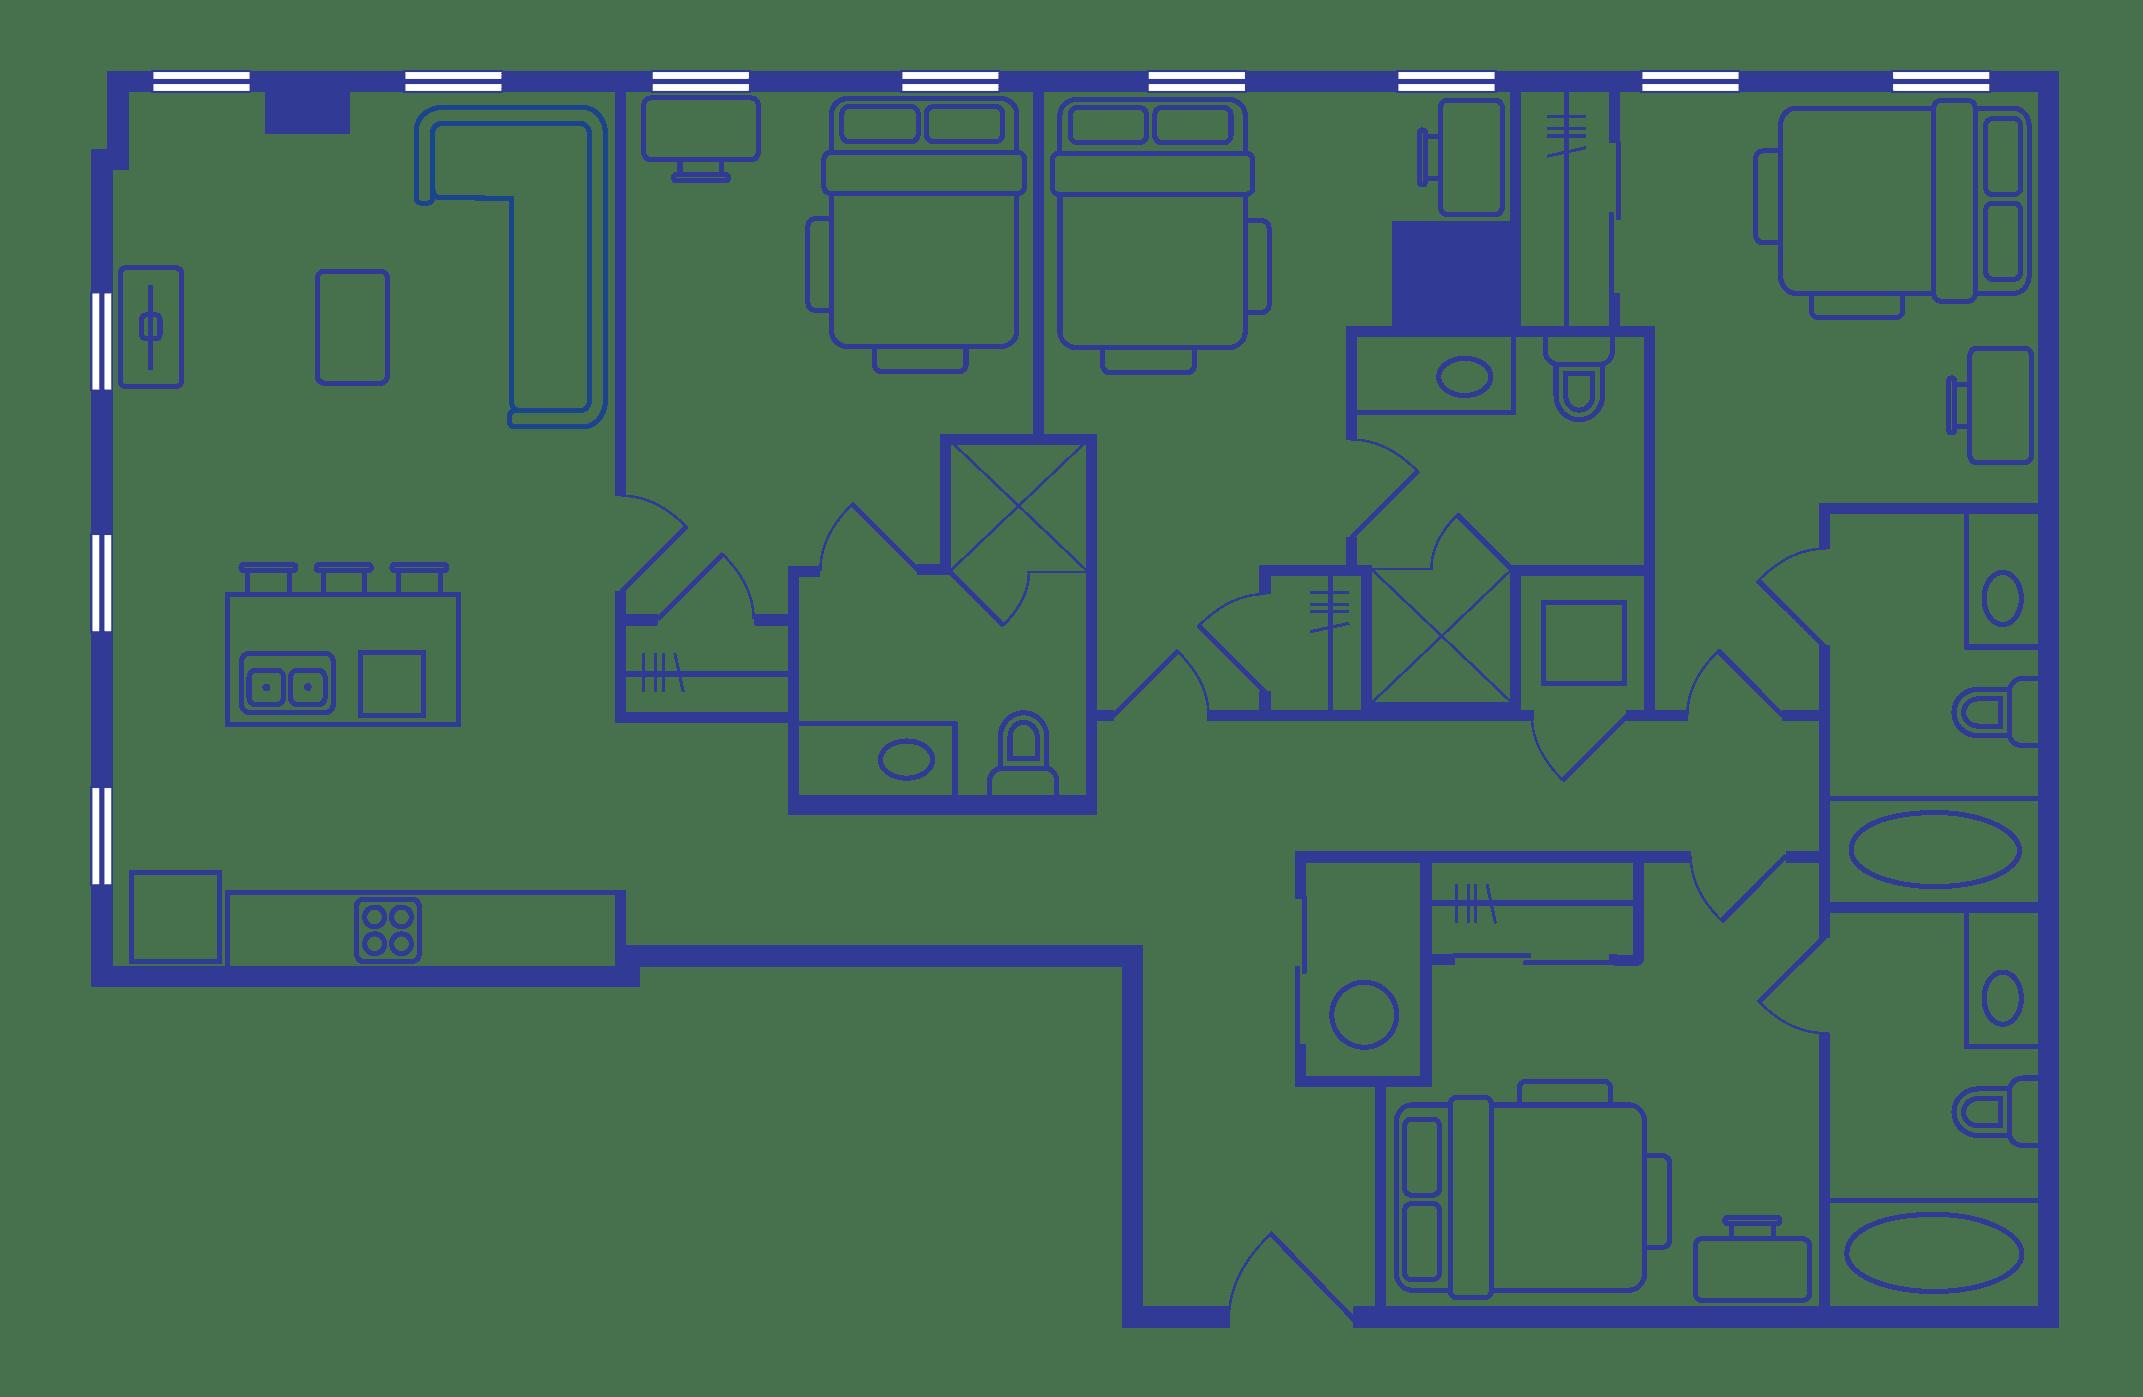 4 Bedroom Floorplan 3